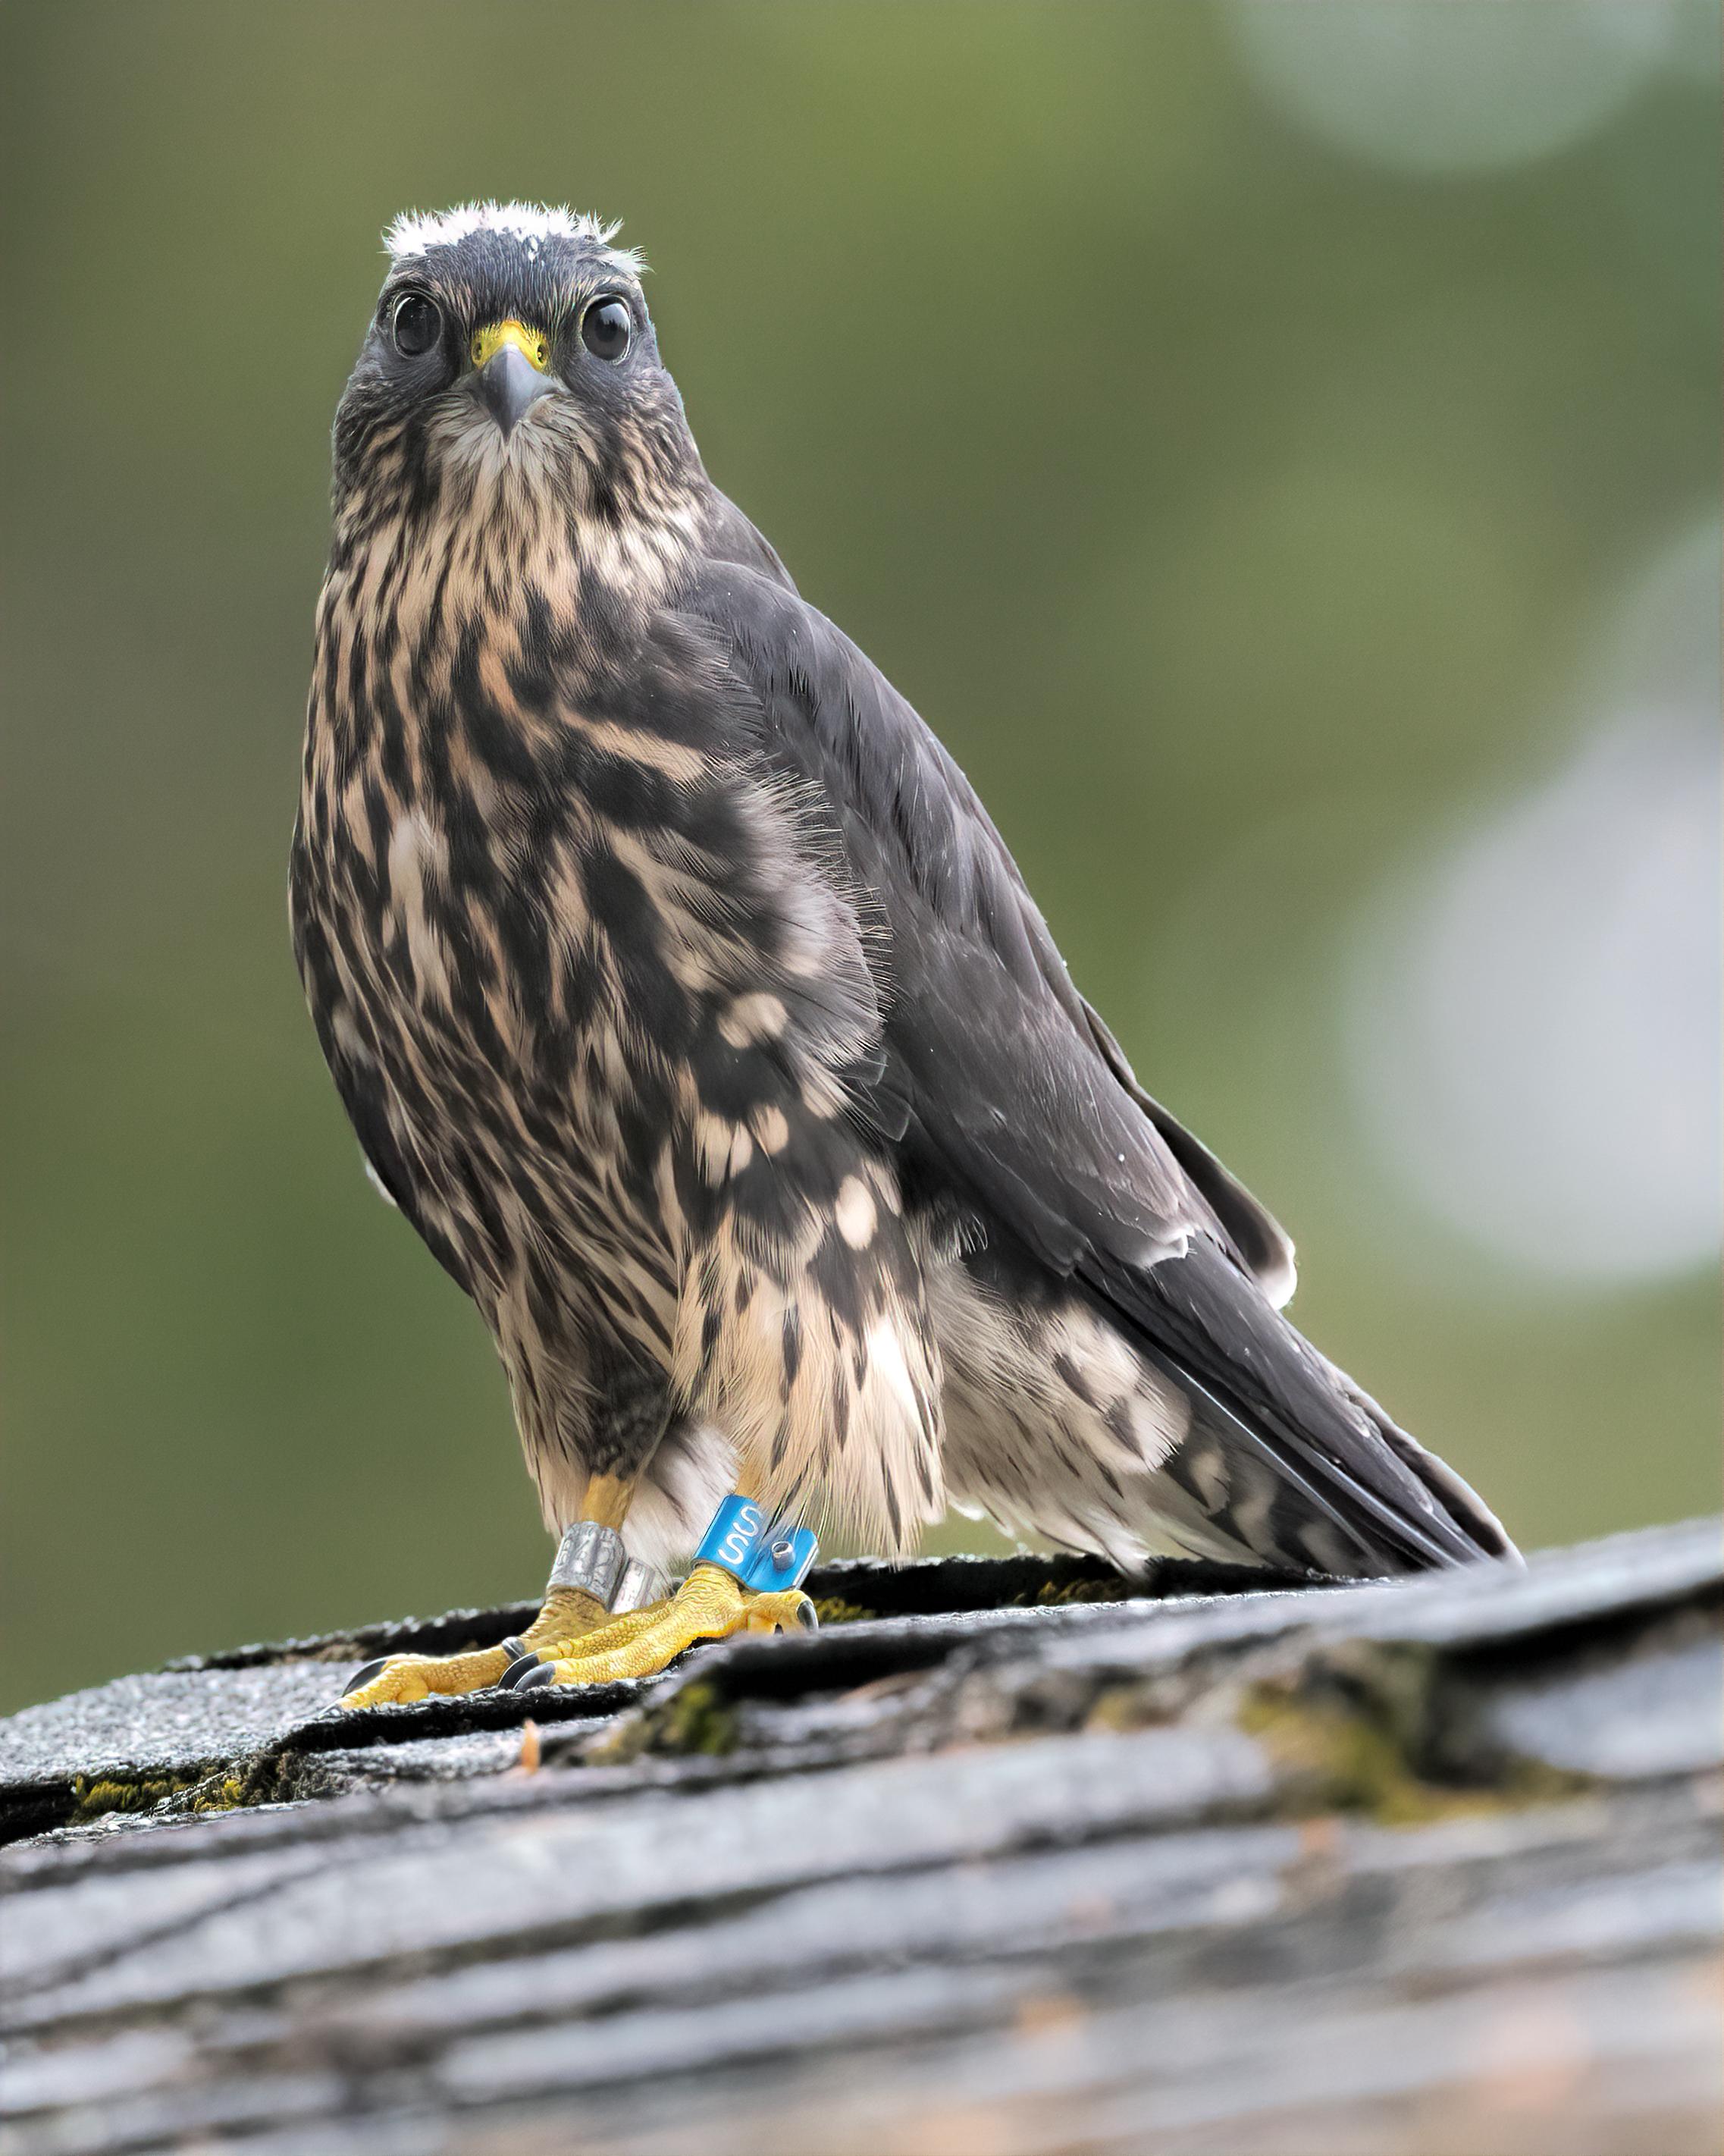 Merlin Release